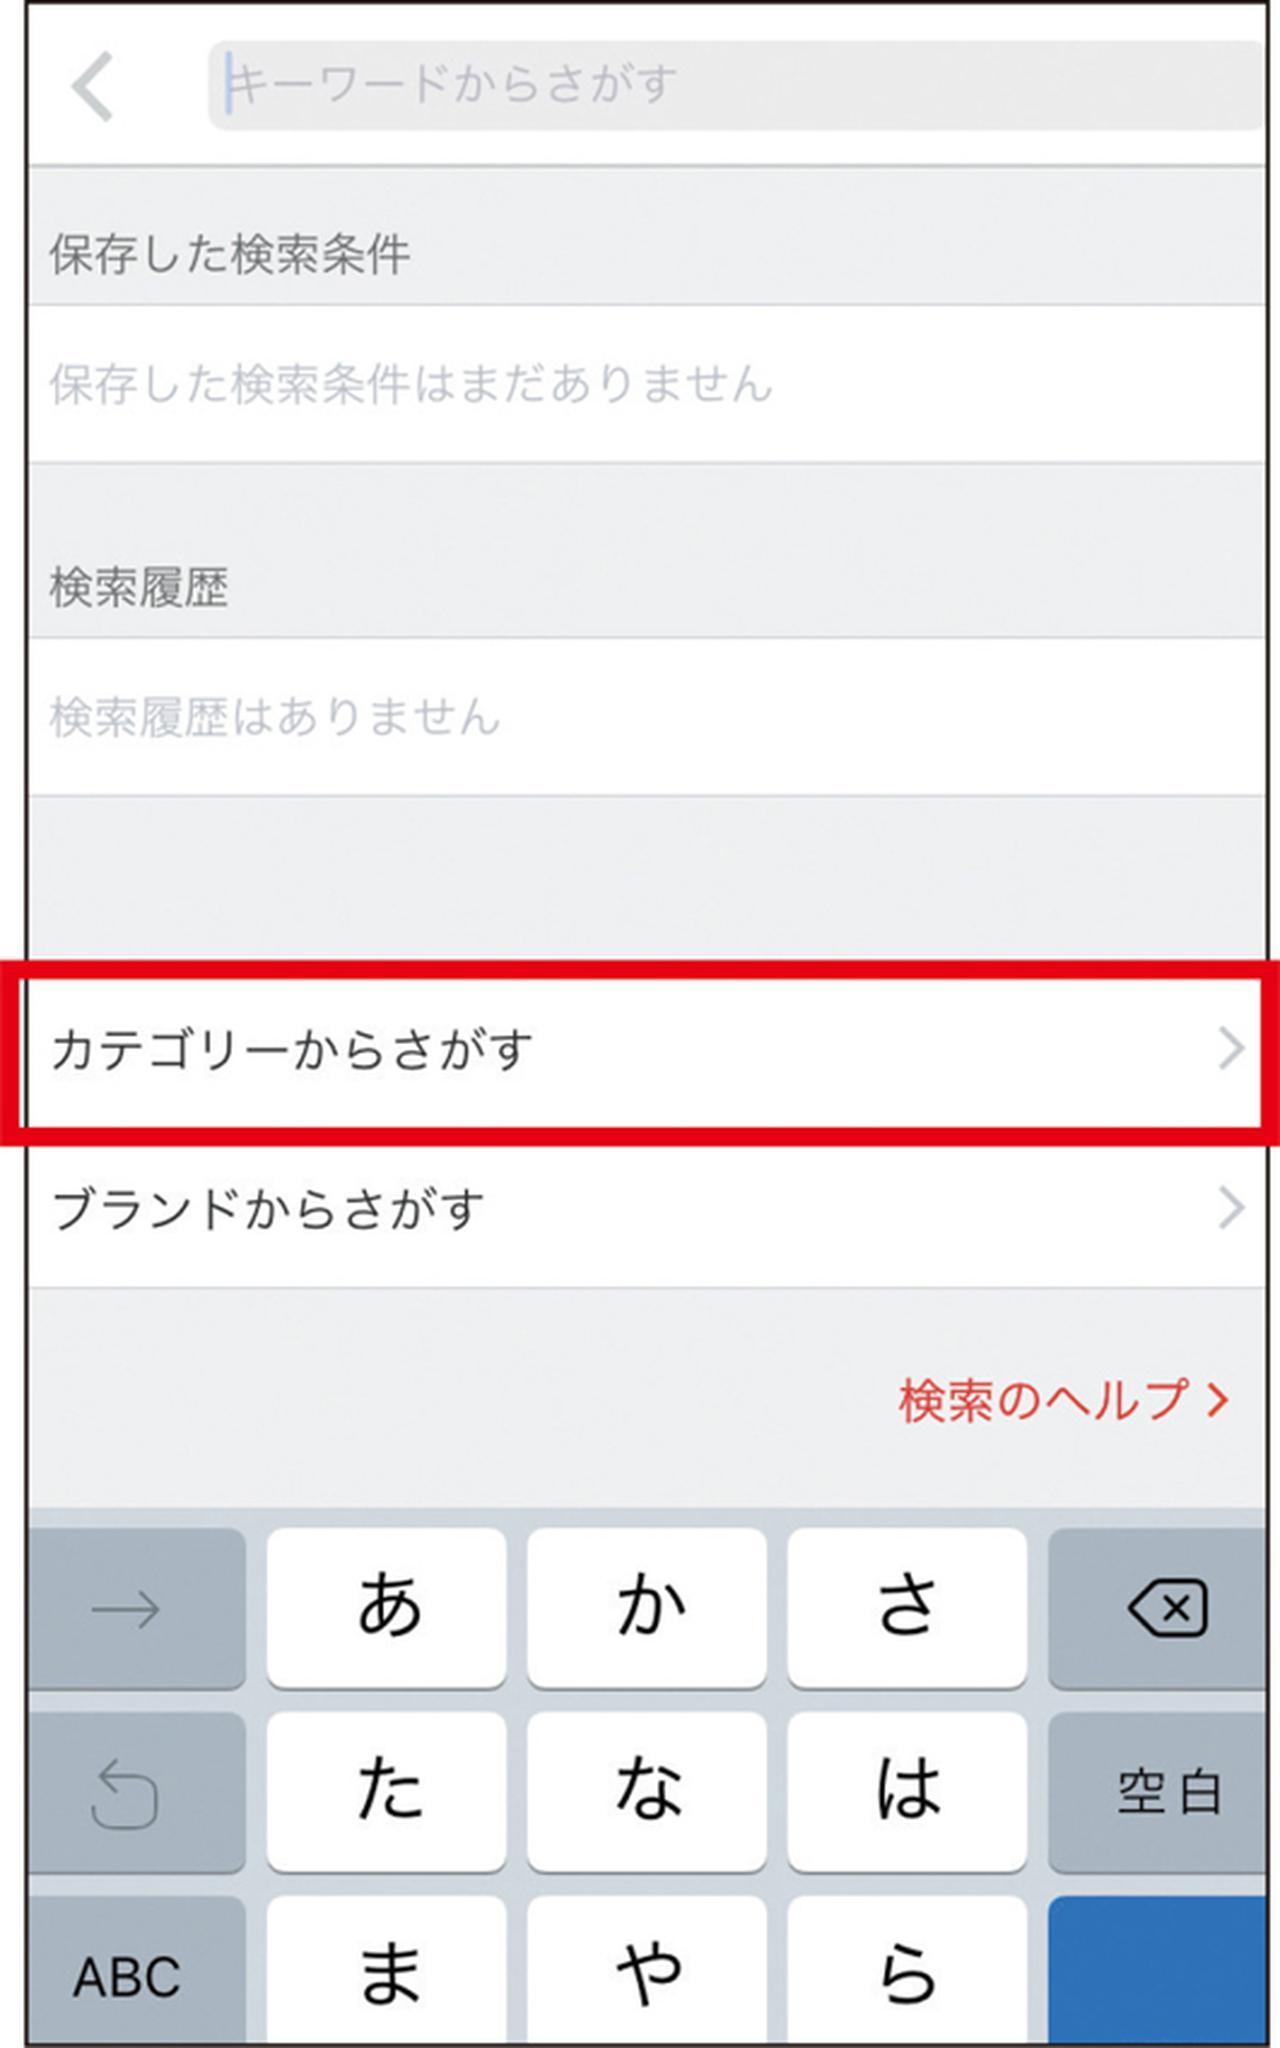 画像: 画面上部の虫眼鏡のアイコンをタップすると、検索画面が表示される。ここでは「カテゴリーからさがす」をタップ。